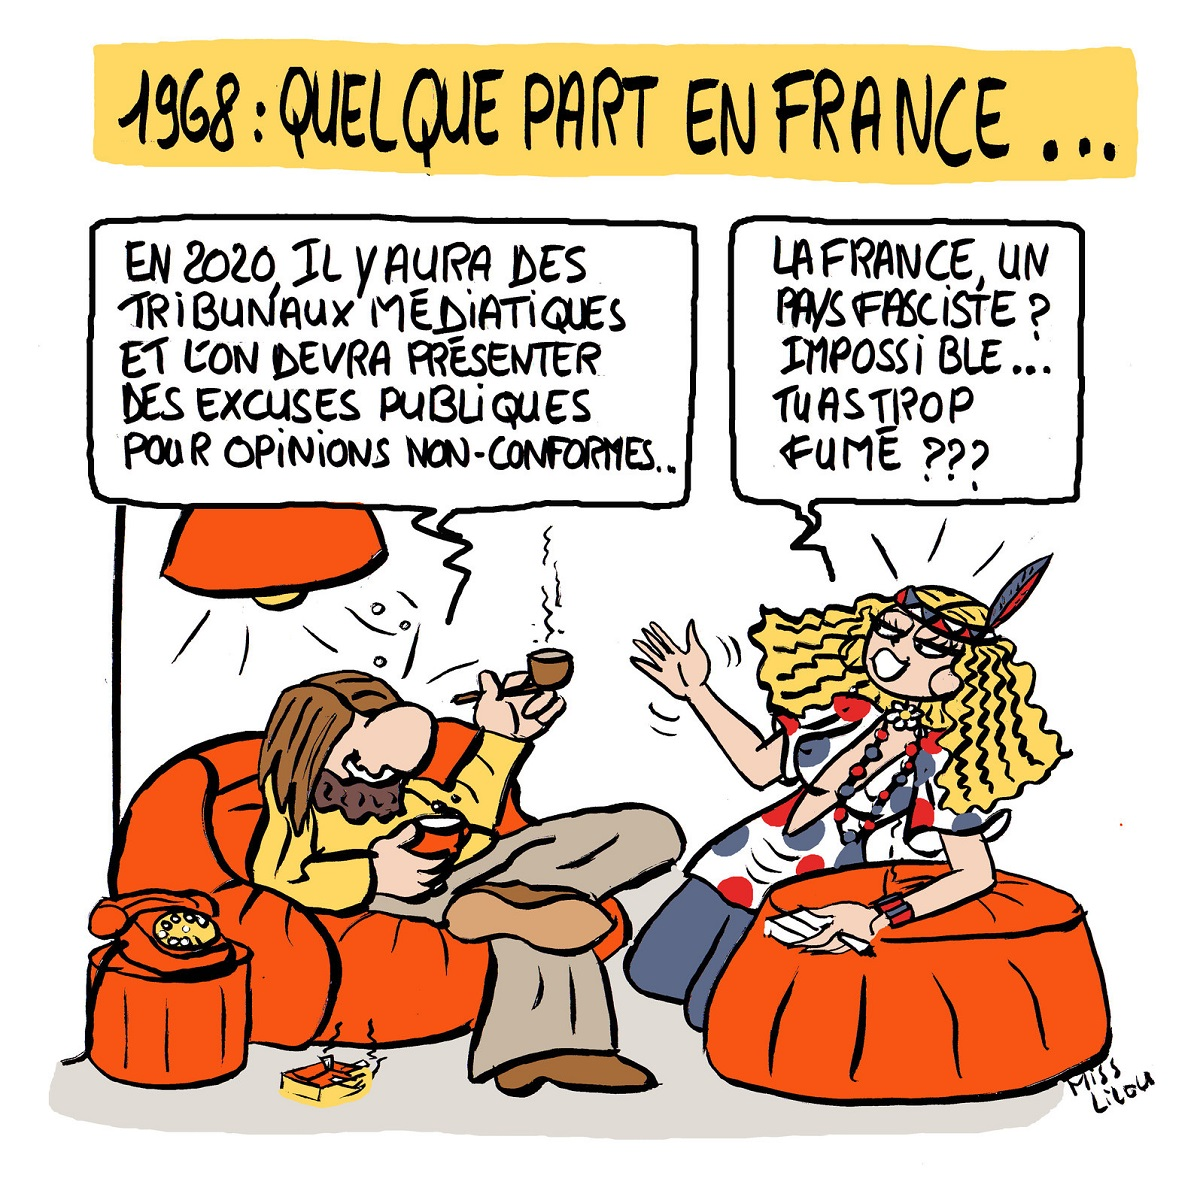 dessin humoristique de Français en 1968 essayant d'imaginer ce que sera la France en 2020